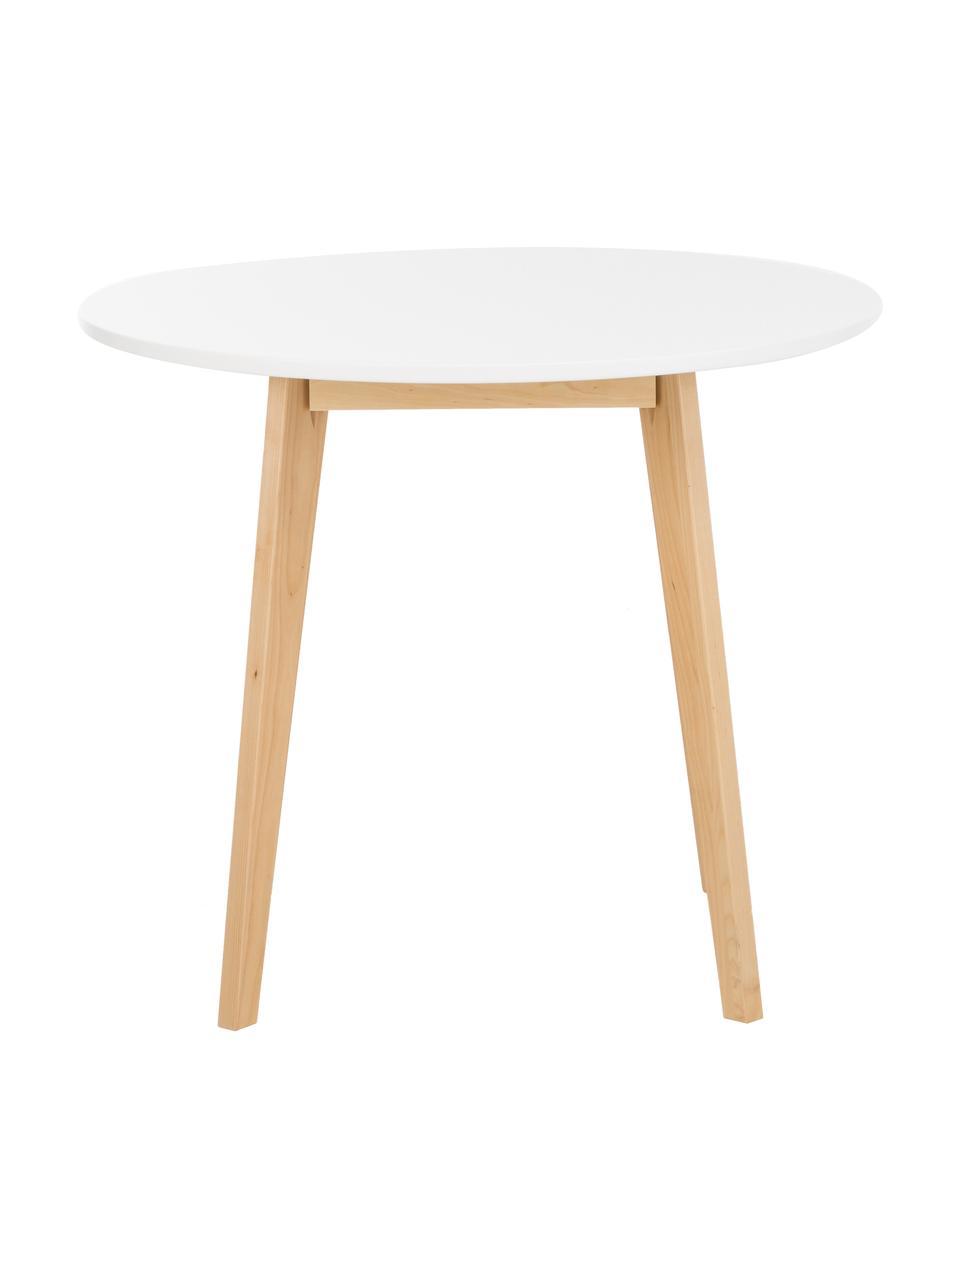 Mały okrągły stół do jadalni Raven, Nogi: drewno brzozowe, naturaln, Blat: płyta pilśniowa średniej , Biały, drewno brzozowe, naturalny, Ø 90 cm